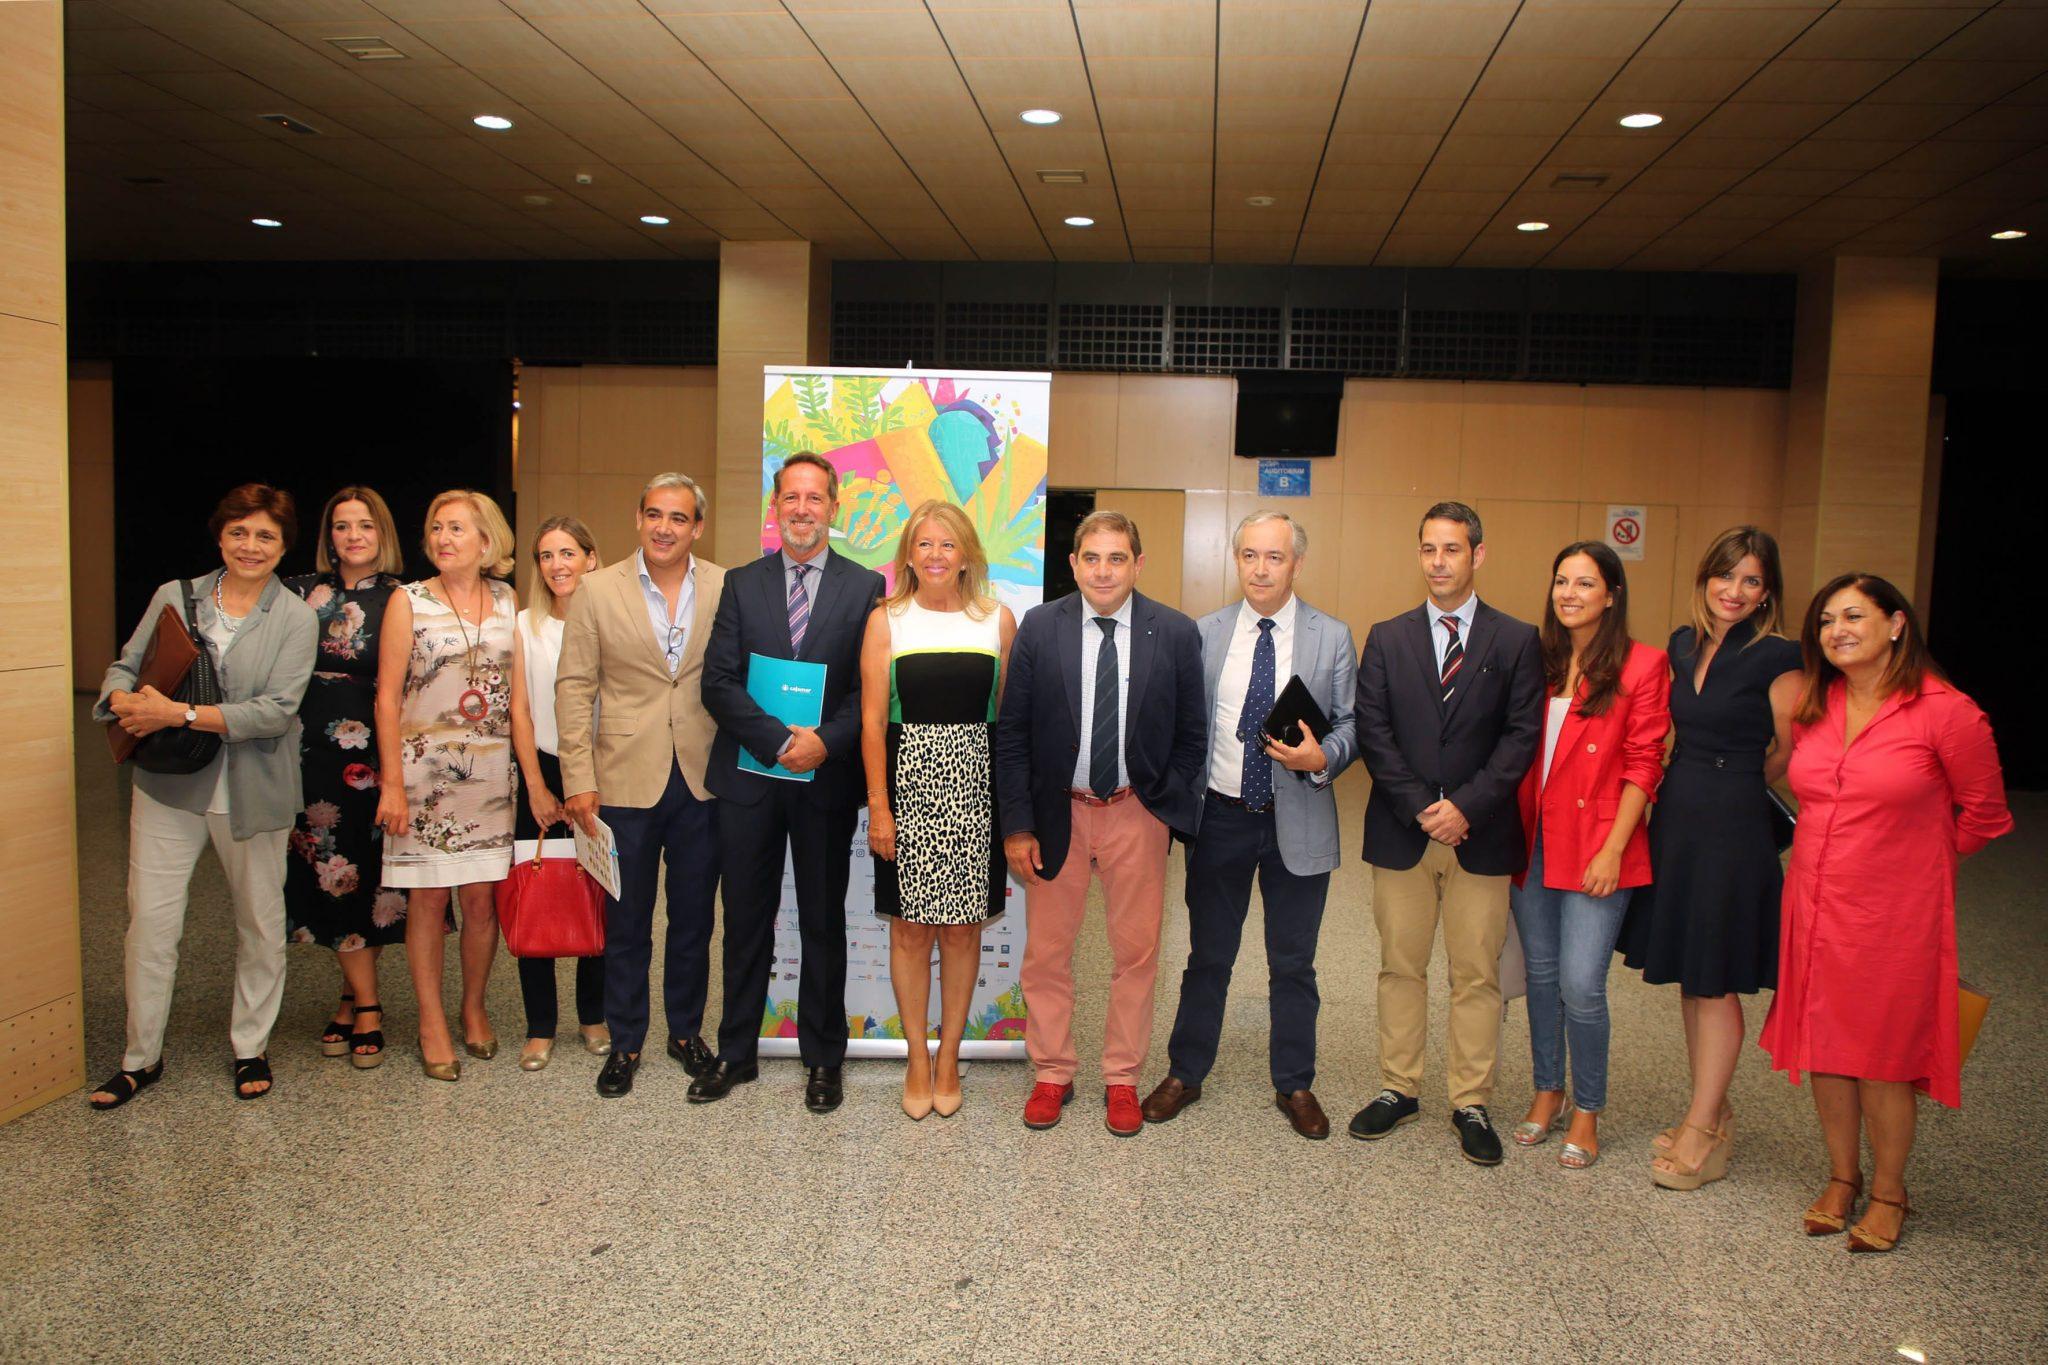 Marbella apuesta por la calidad educativa en el X aniversario de su colaboración con la UMA